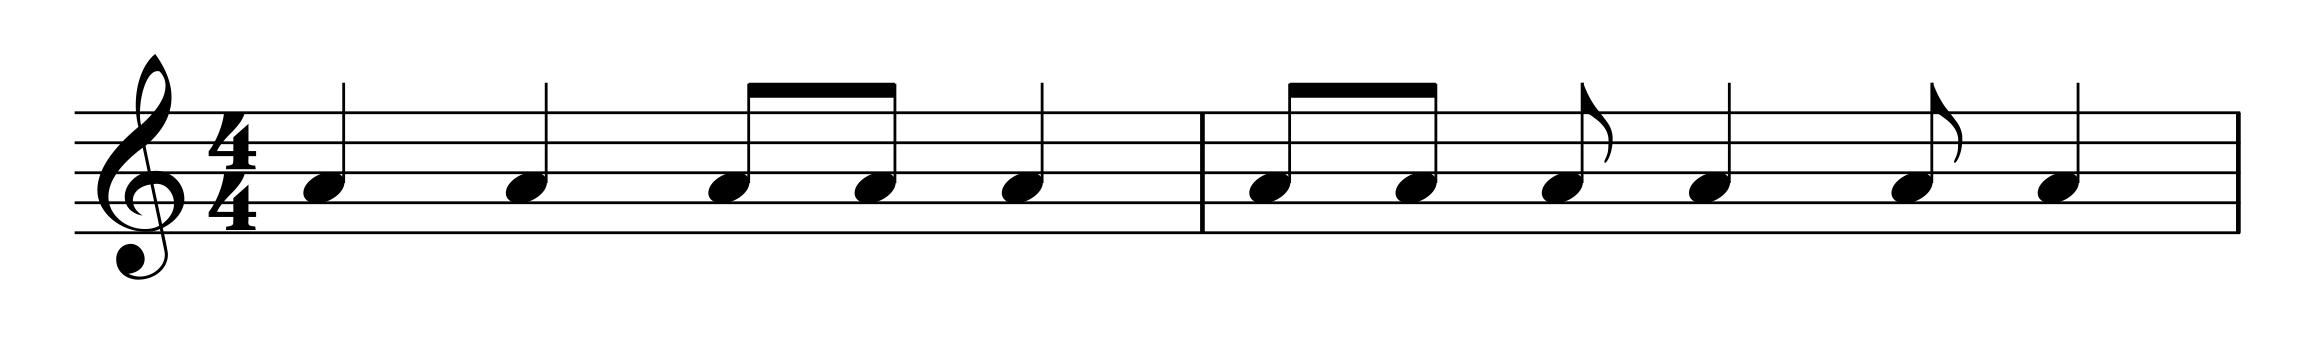 4-8 rythm